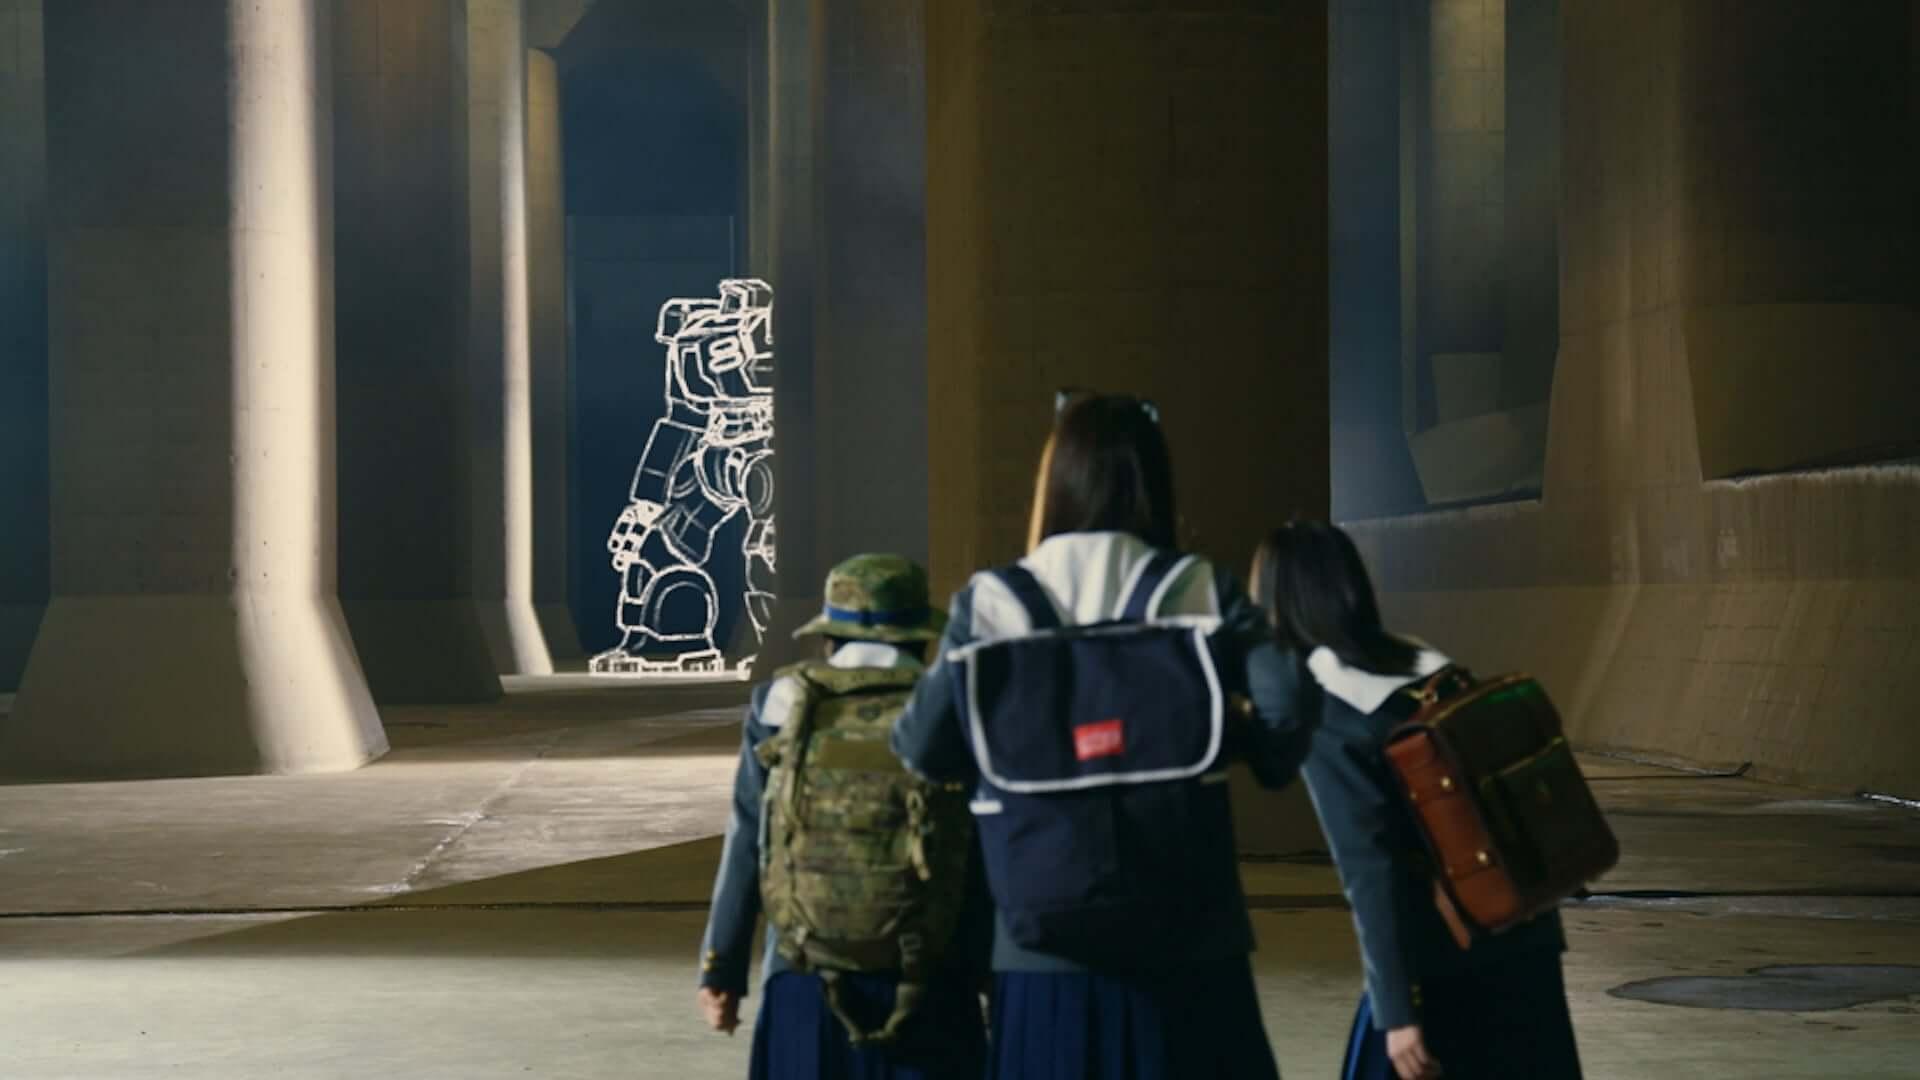 乃木坂46・齋藤飛鳥、山下美月、梅澤美波出演映画『映像研には手を出すな!』VFXシーンの裏側が明らかに!メイキング映像が解禁 film200929_eizouken_5-1920x1080